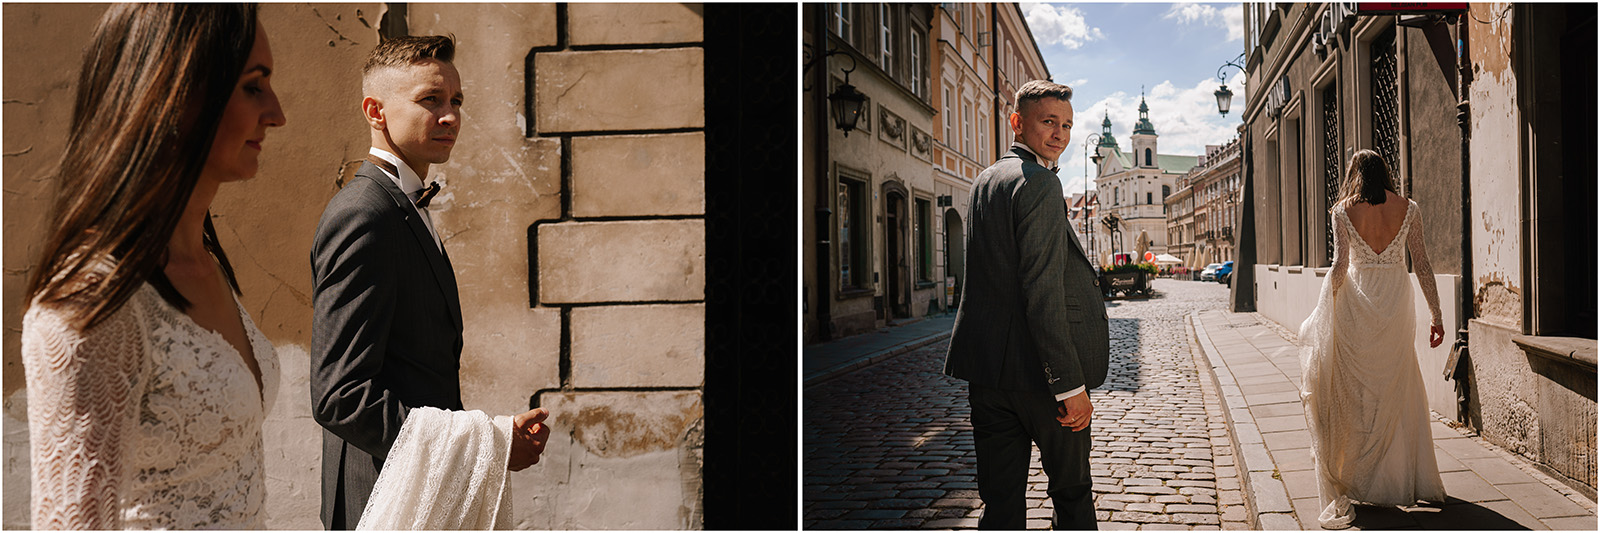 Monika & Marcin | sesja na Starym Mieście w Warszawie 30